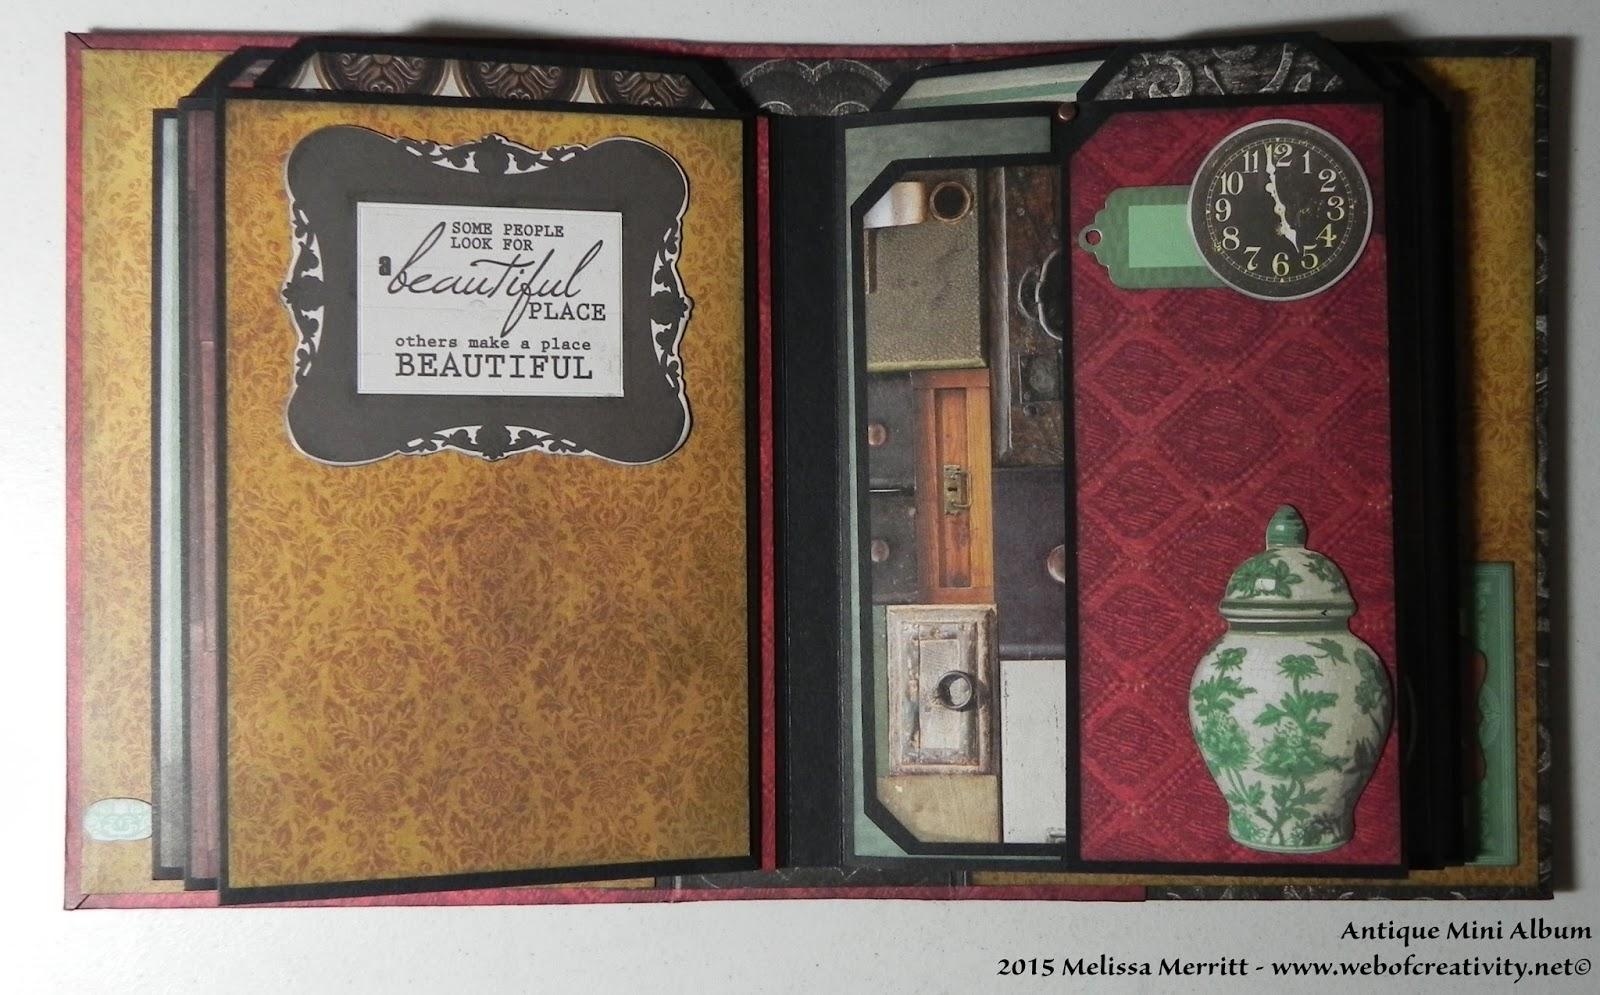 web of creativity antique mini album